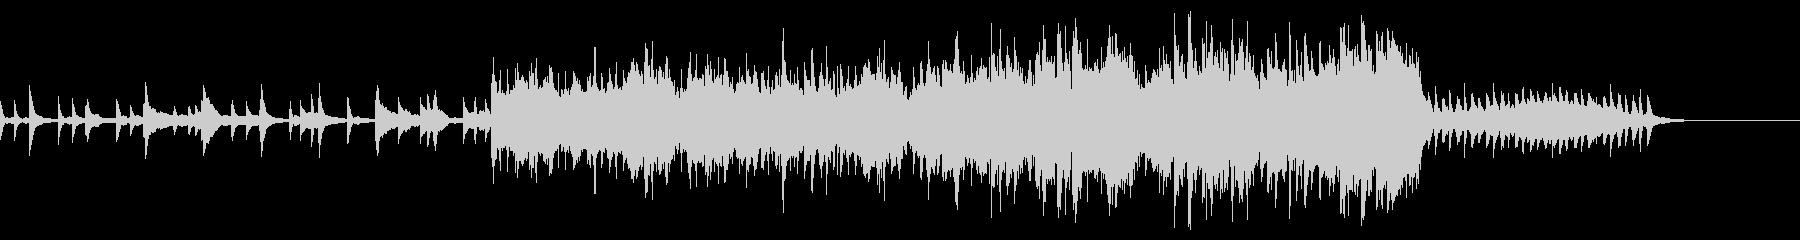 幻想的なピアノバラード ゲームオーバーの未再生の波形